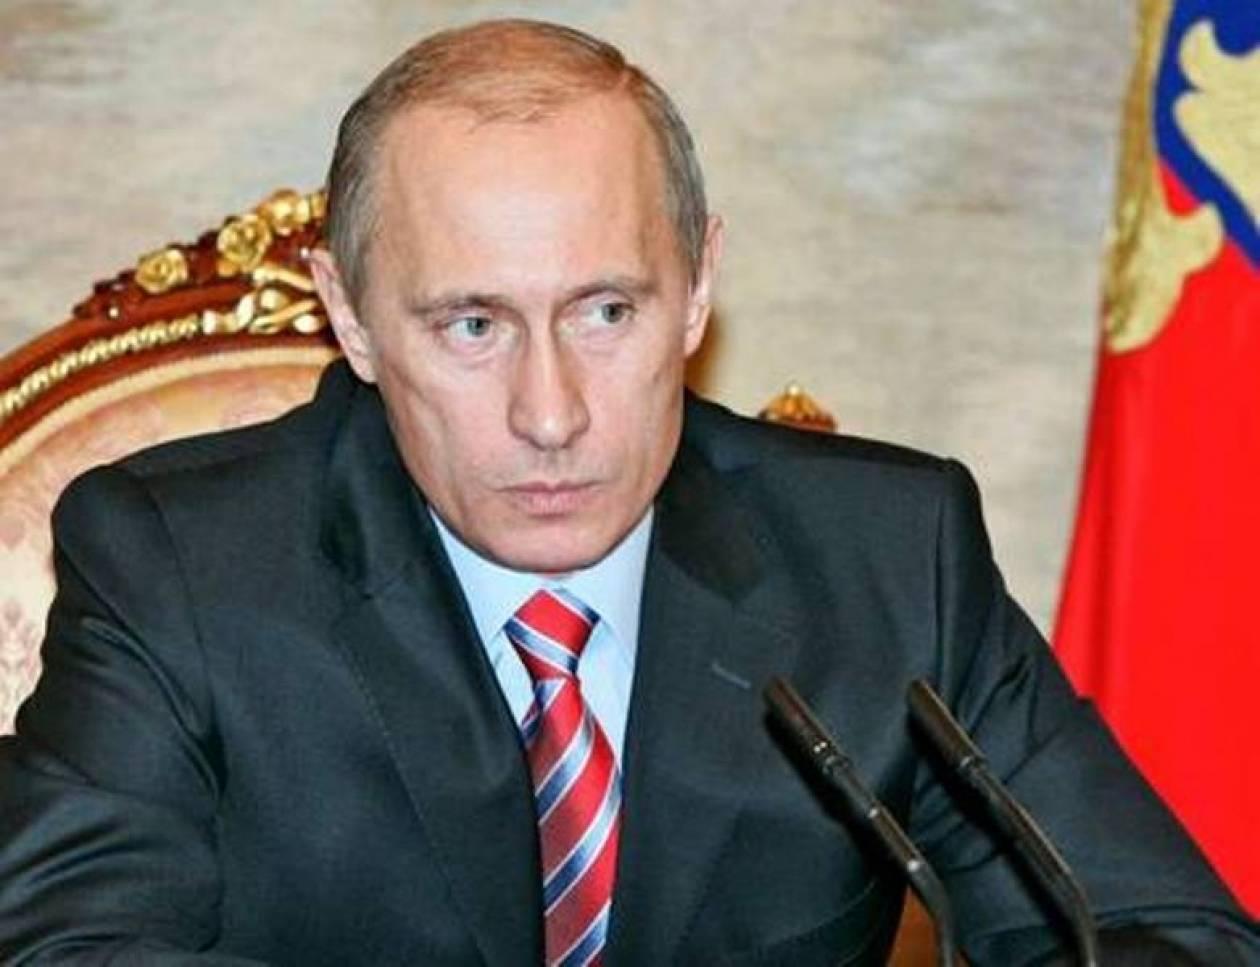 Πούτιν: Το χρέος είναι απώλεια κυριαρχίας